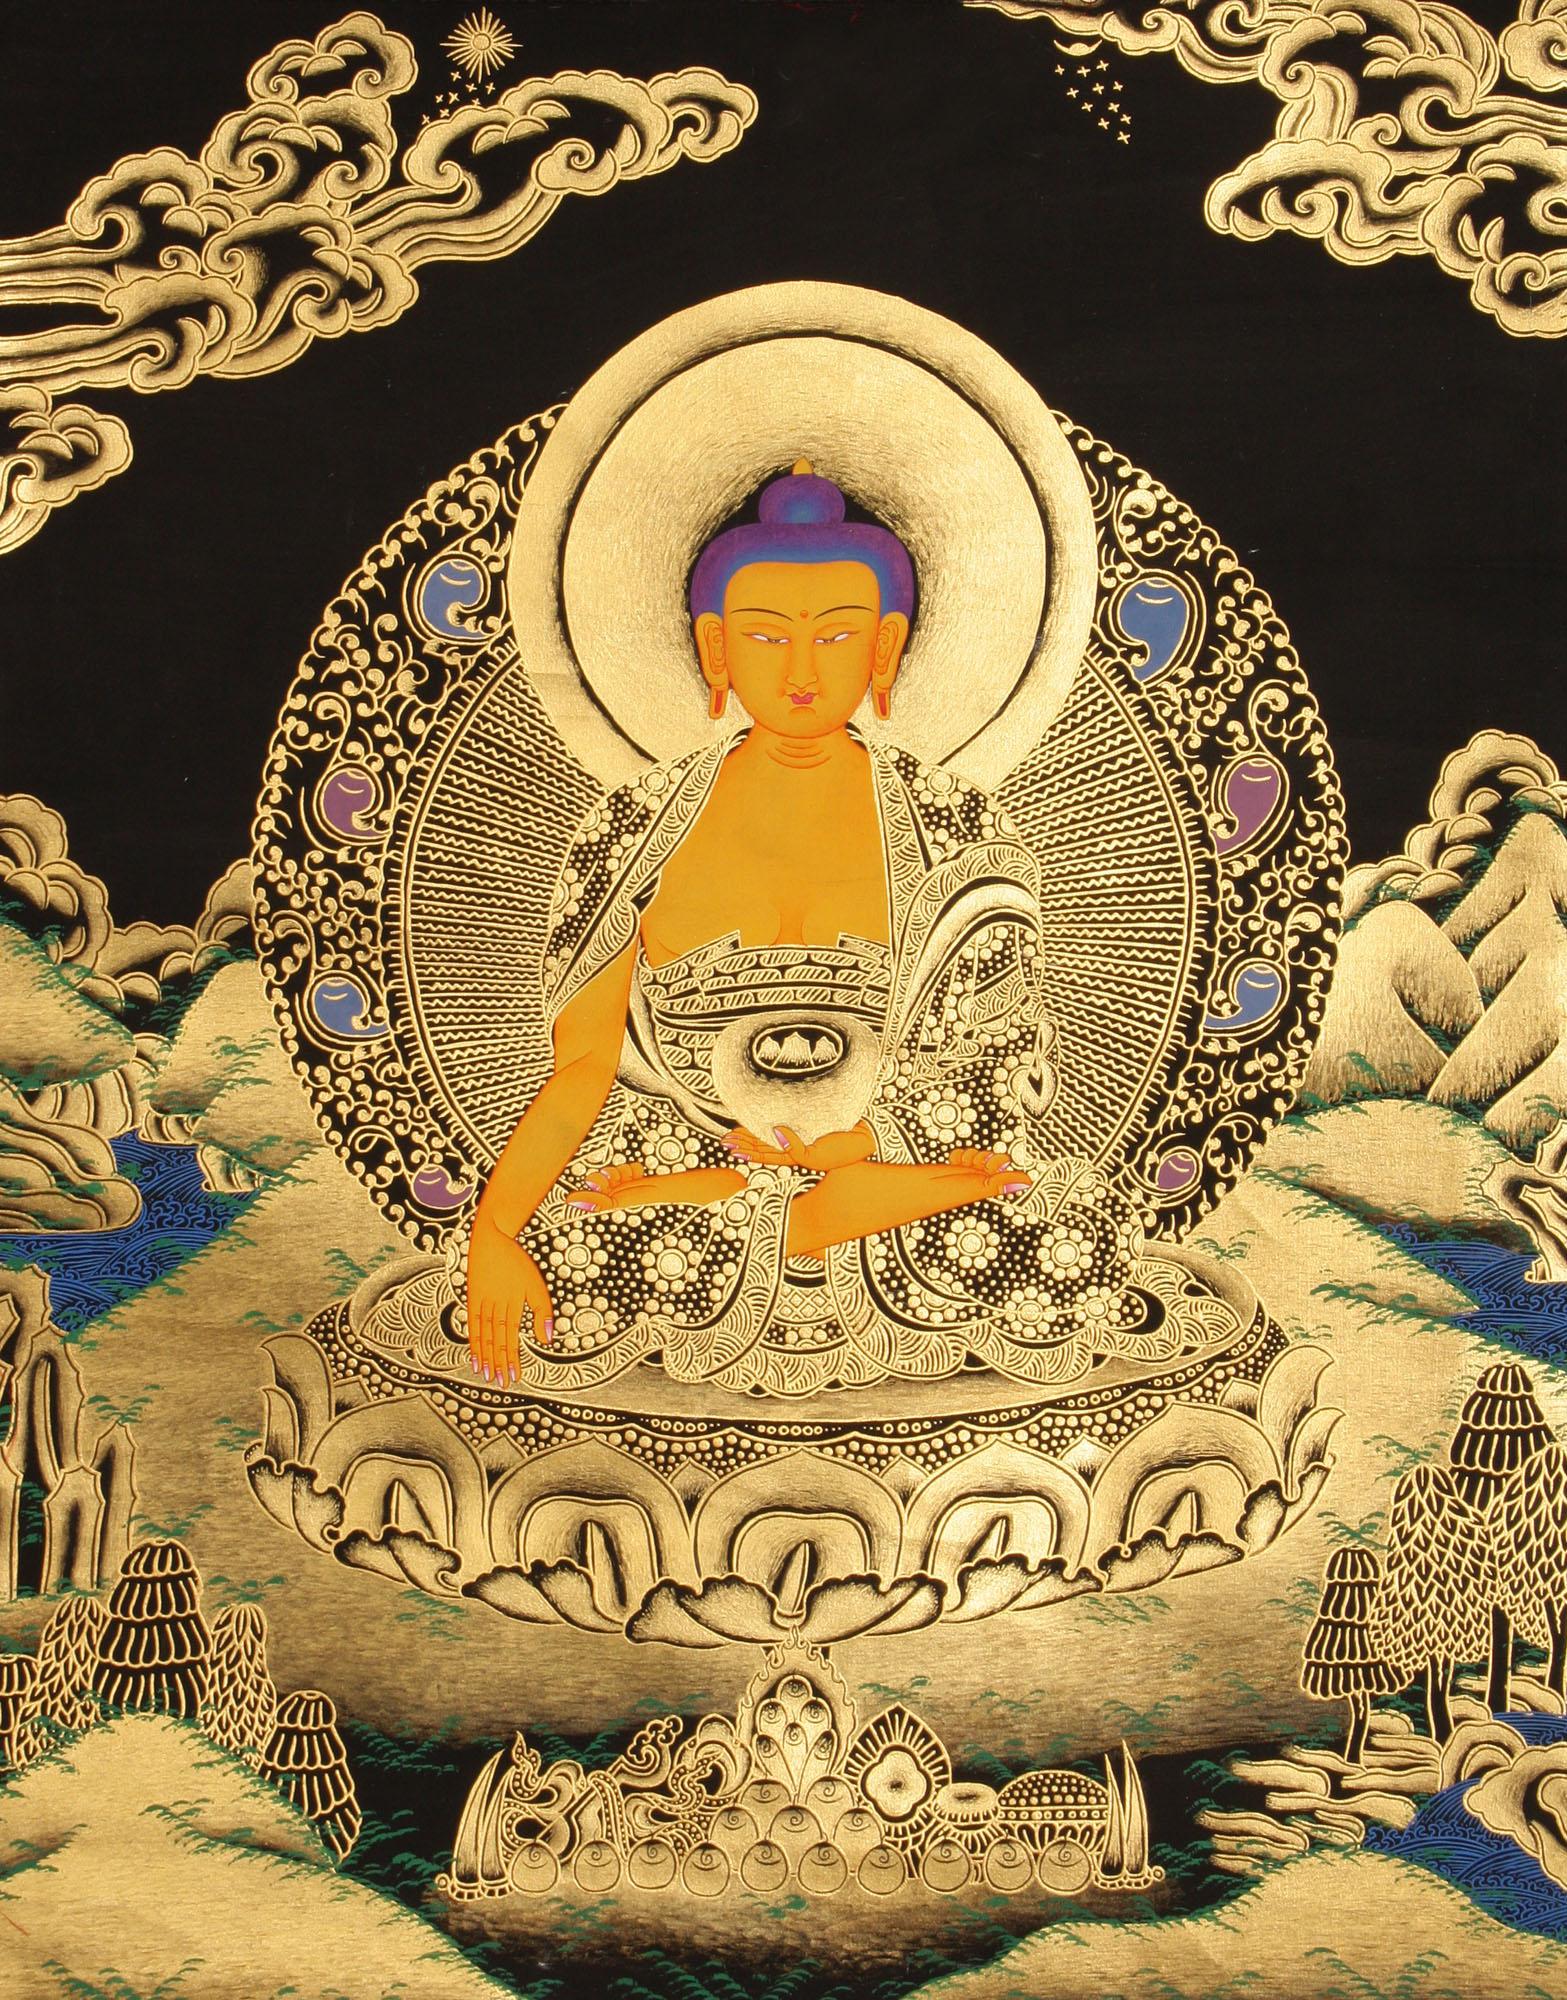 Tibetan Buddhist God Shakyamuni Buddha